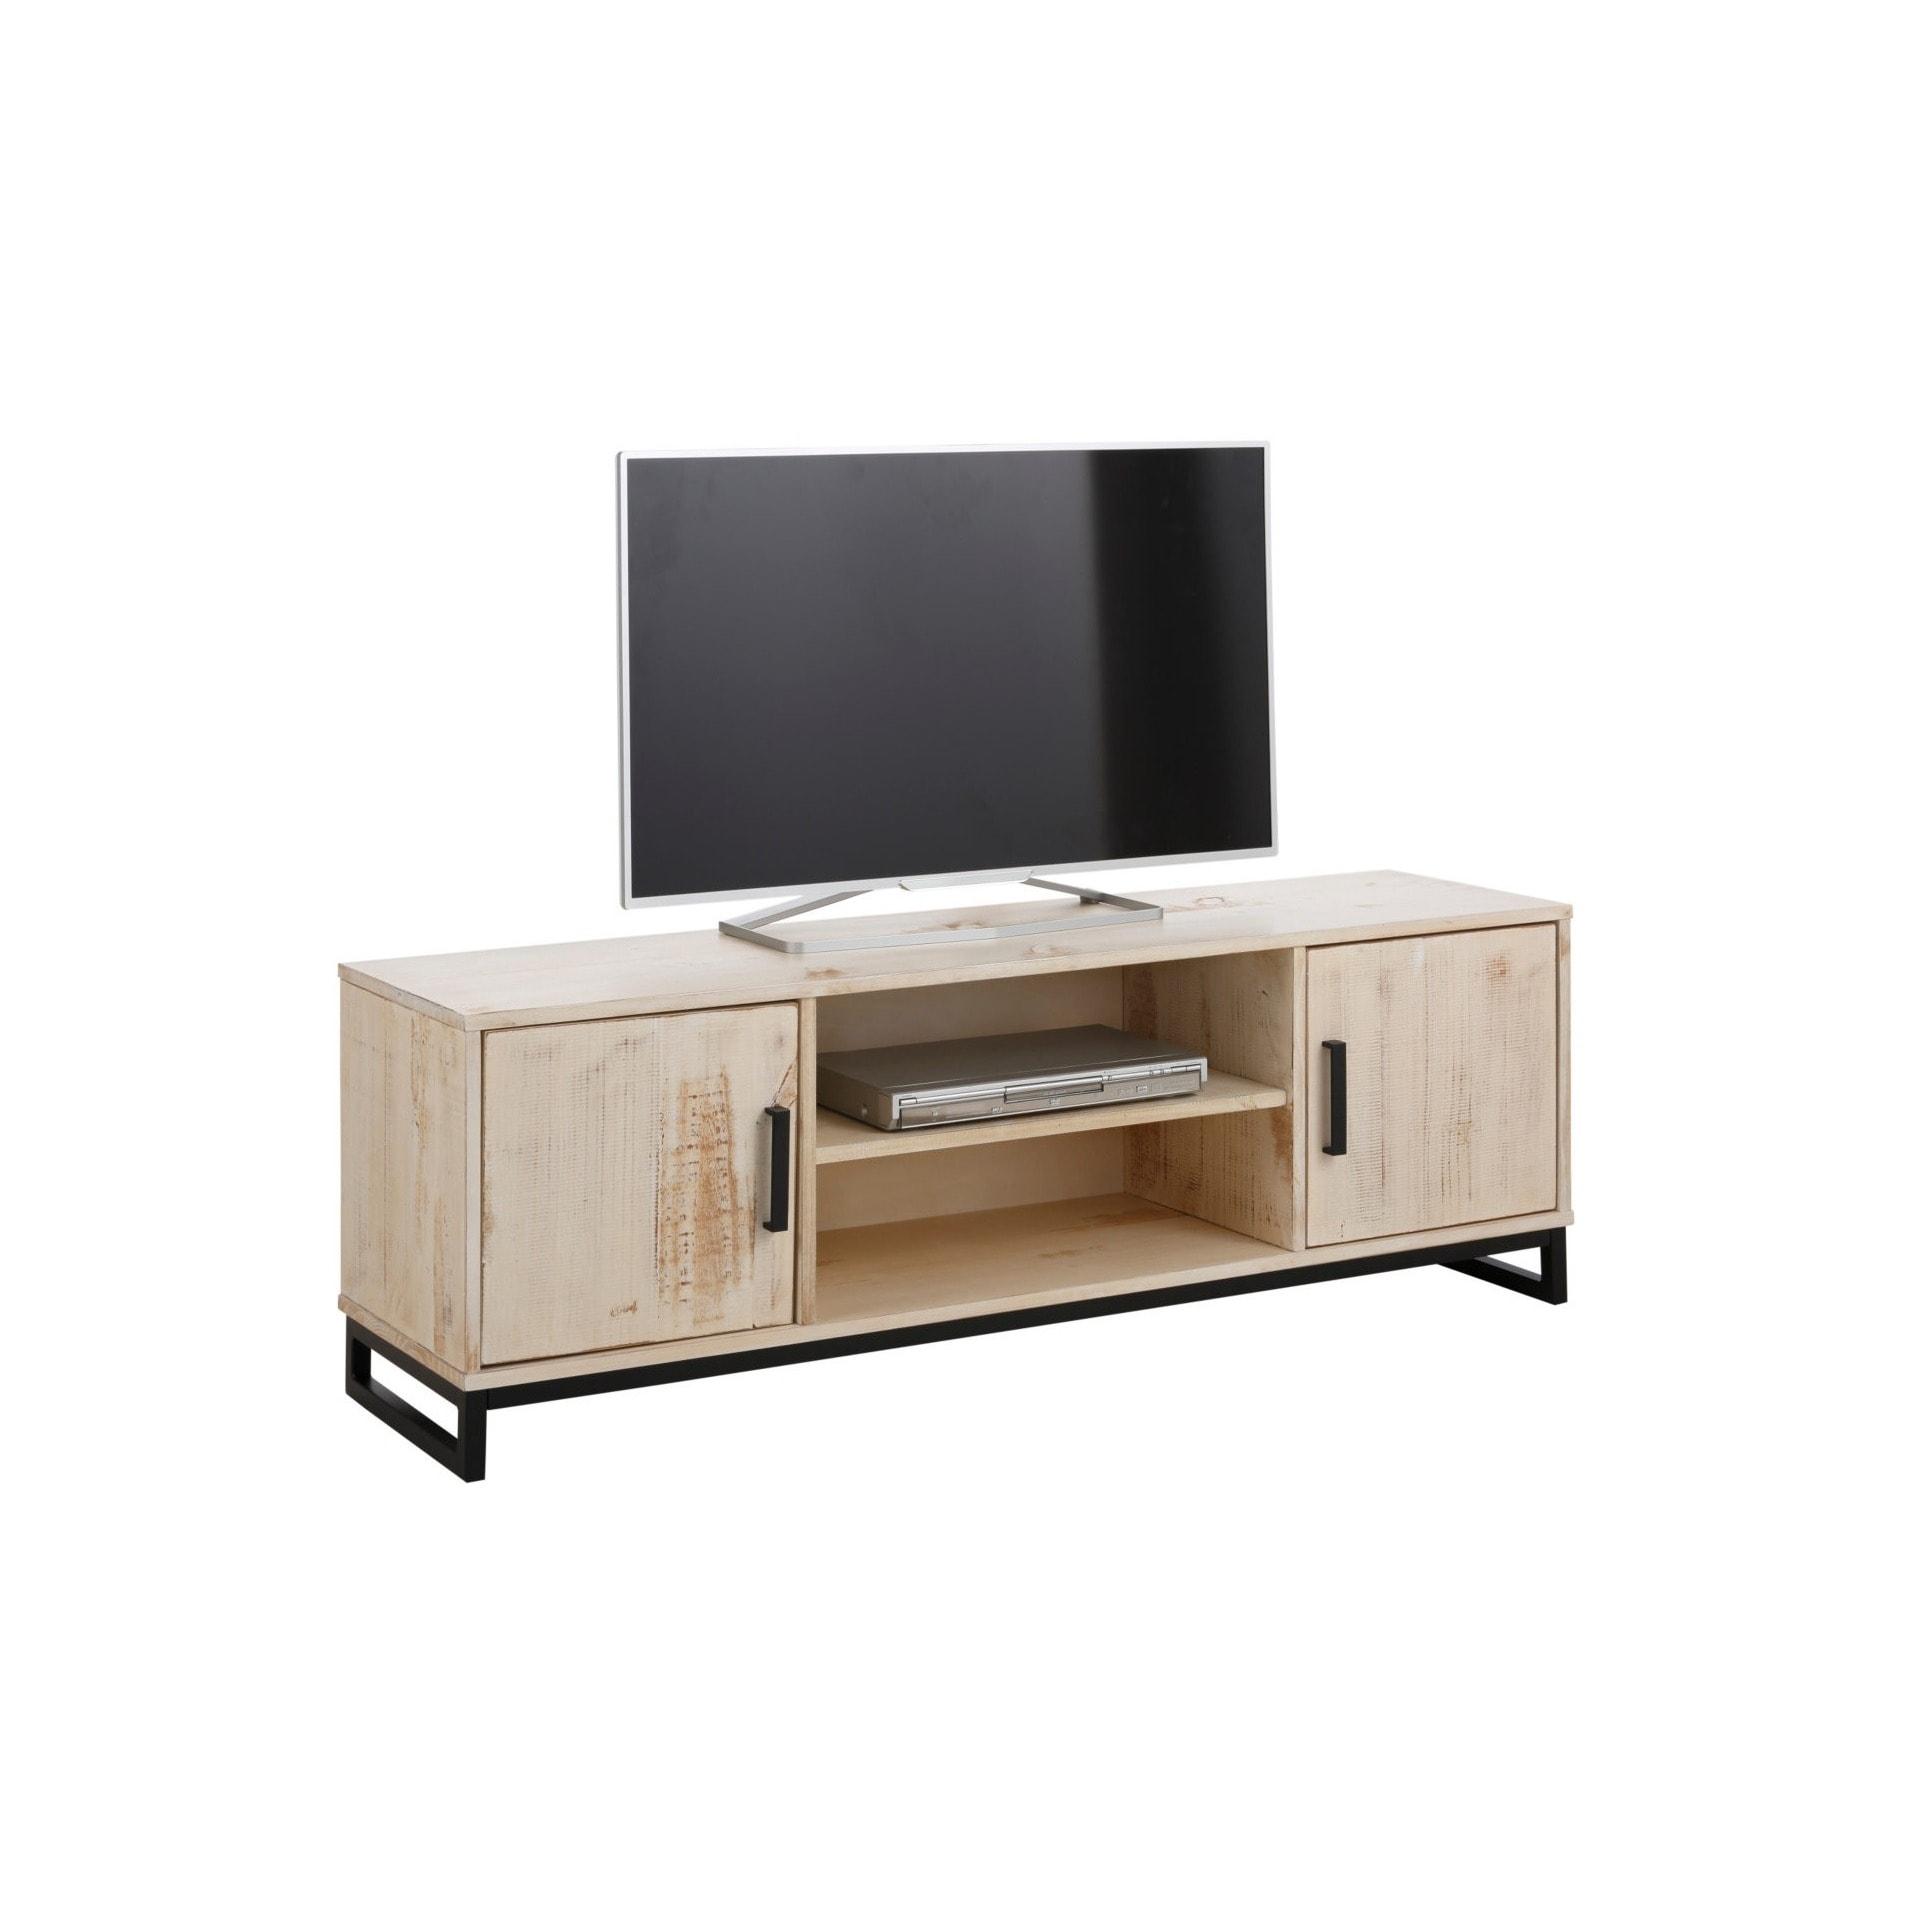 Bezaubernd Lowboard Fernseher Foto Von Shop Santana Distressed Cream Pine/metal 2-door 3-shelf